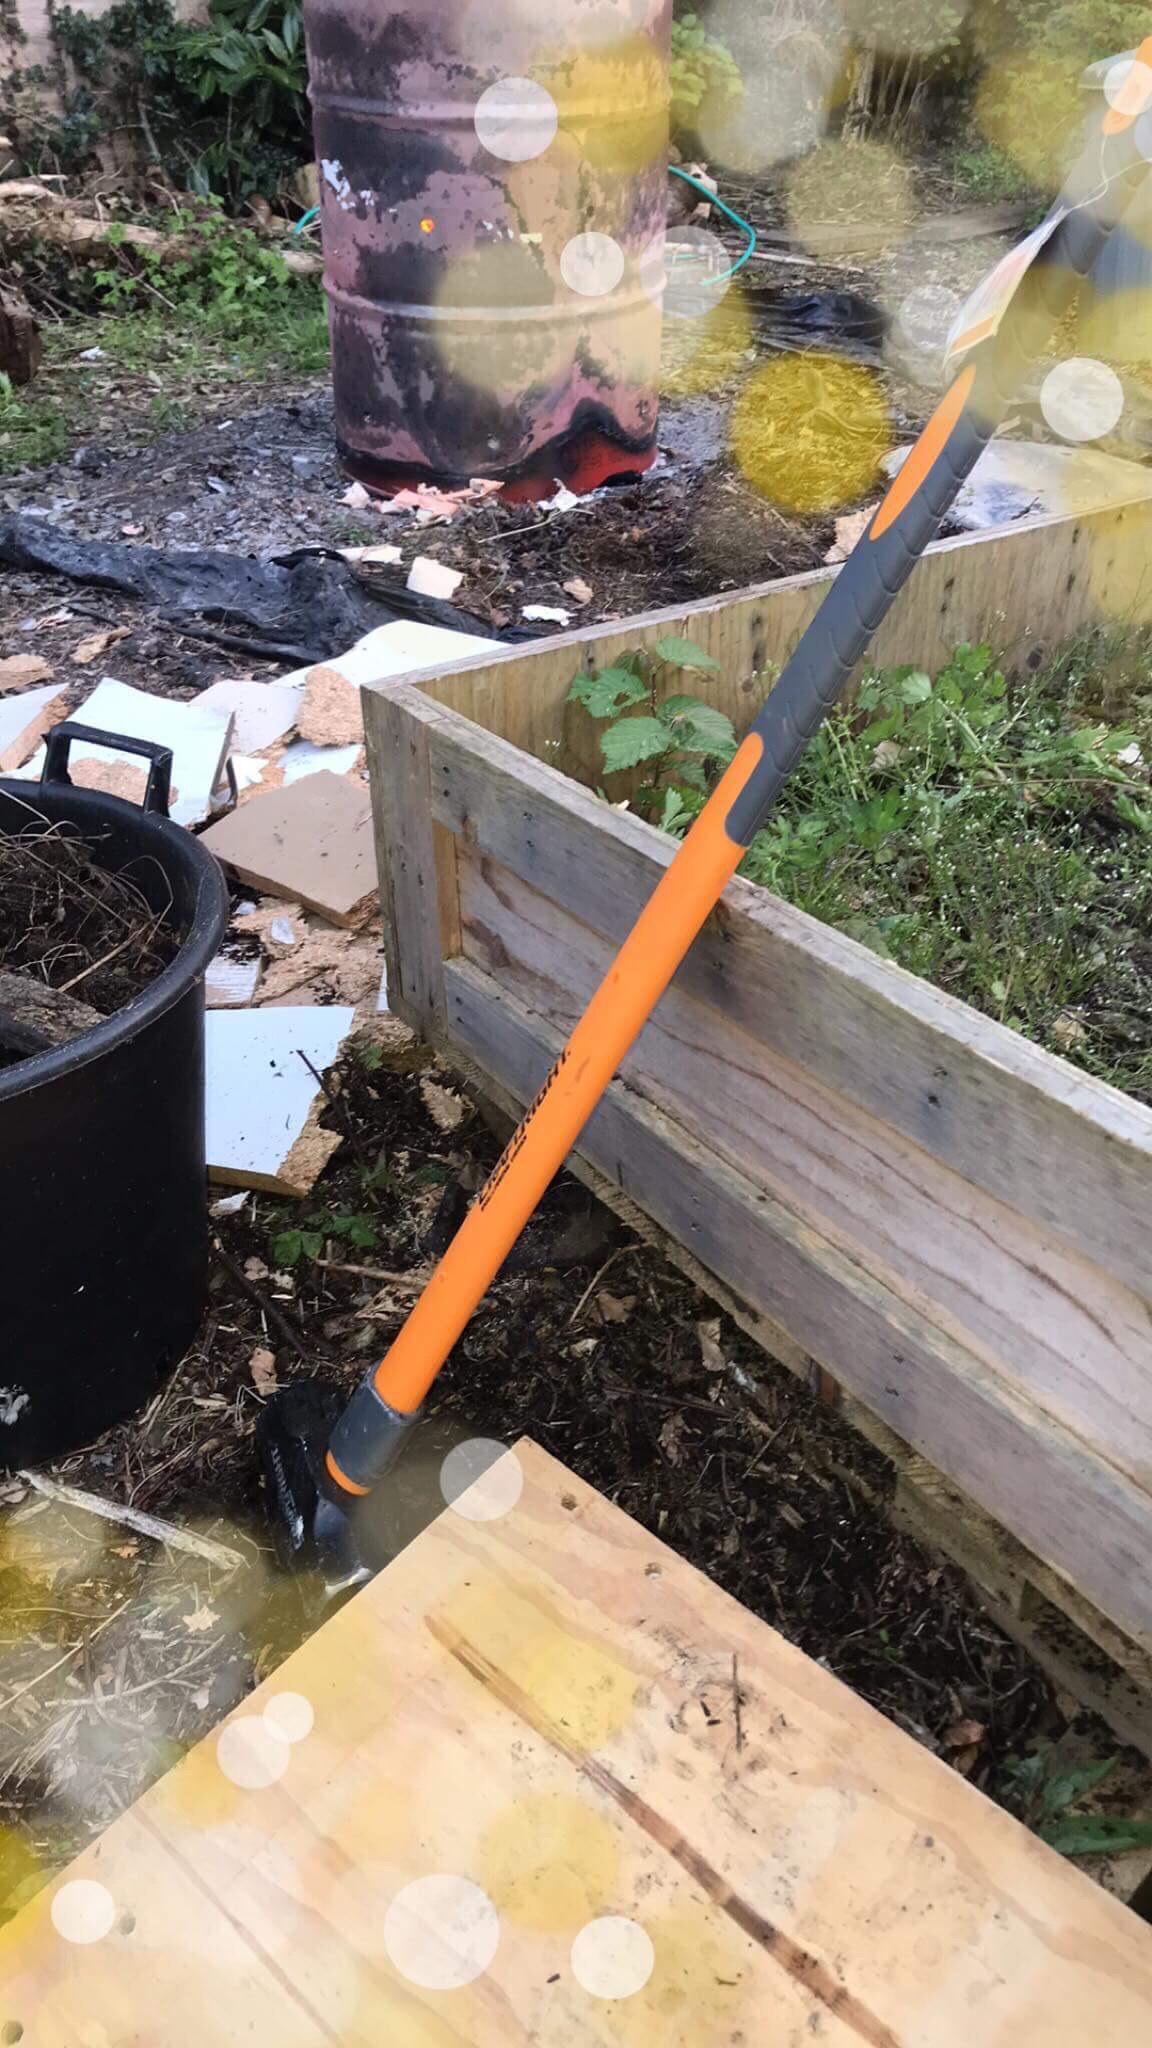 Craftright 3.5kg long handle sledge hammer - homebase instore - Yeovil £5